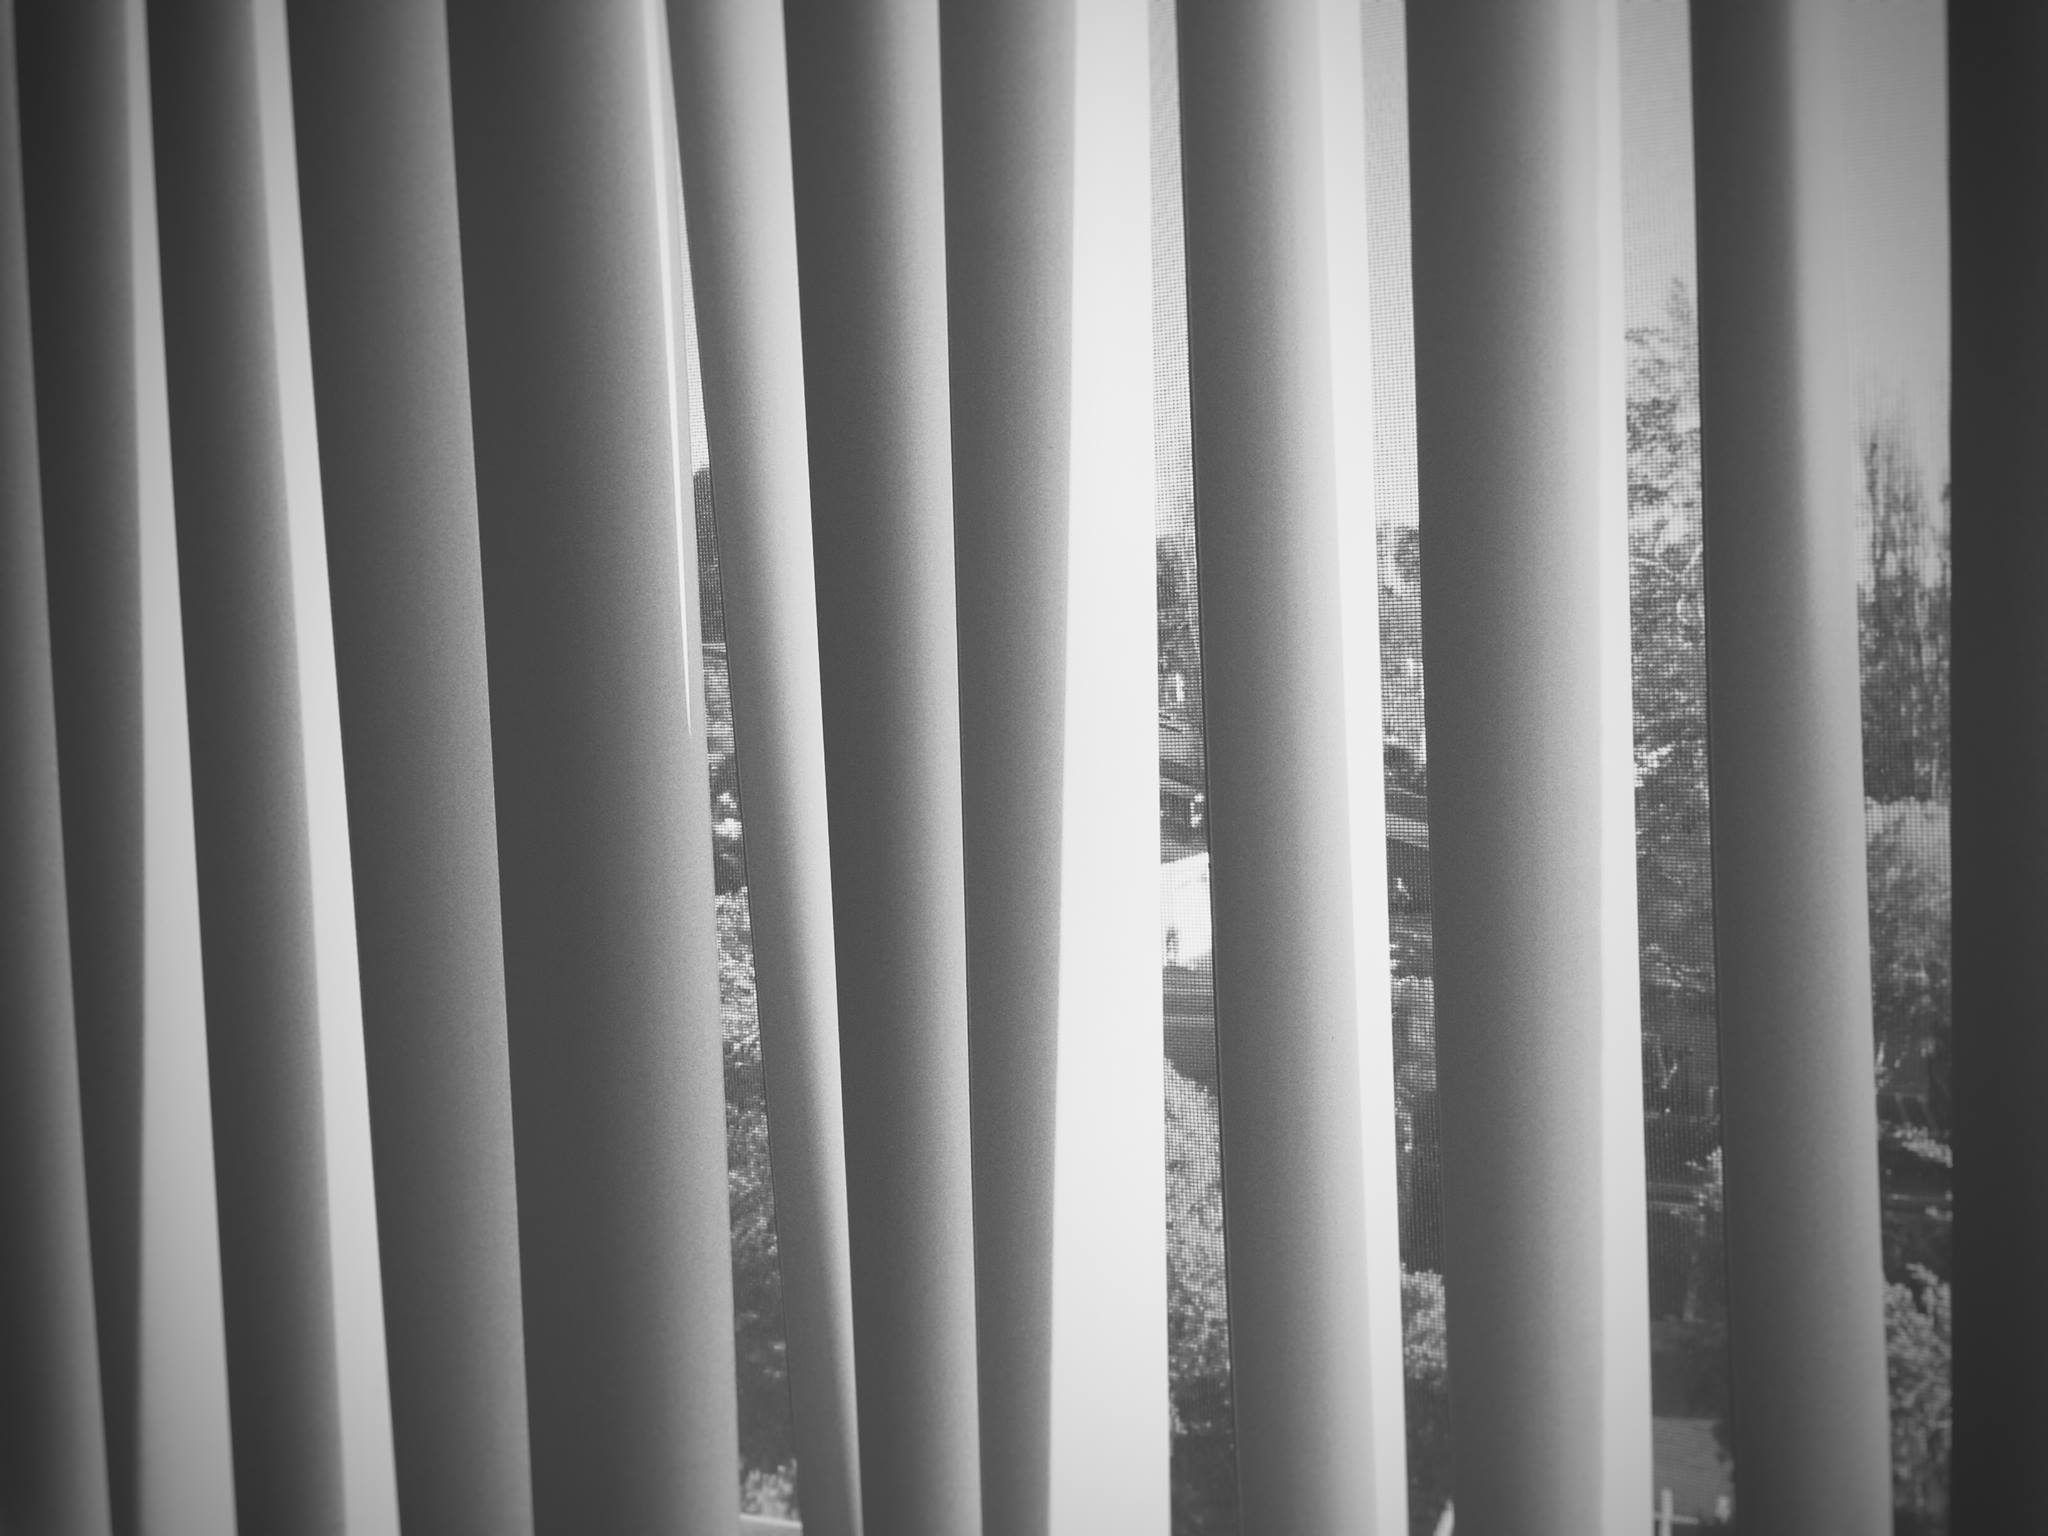 blinds_1.jpg